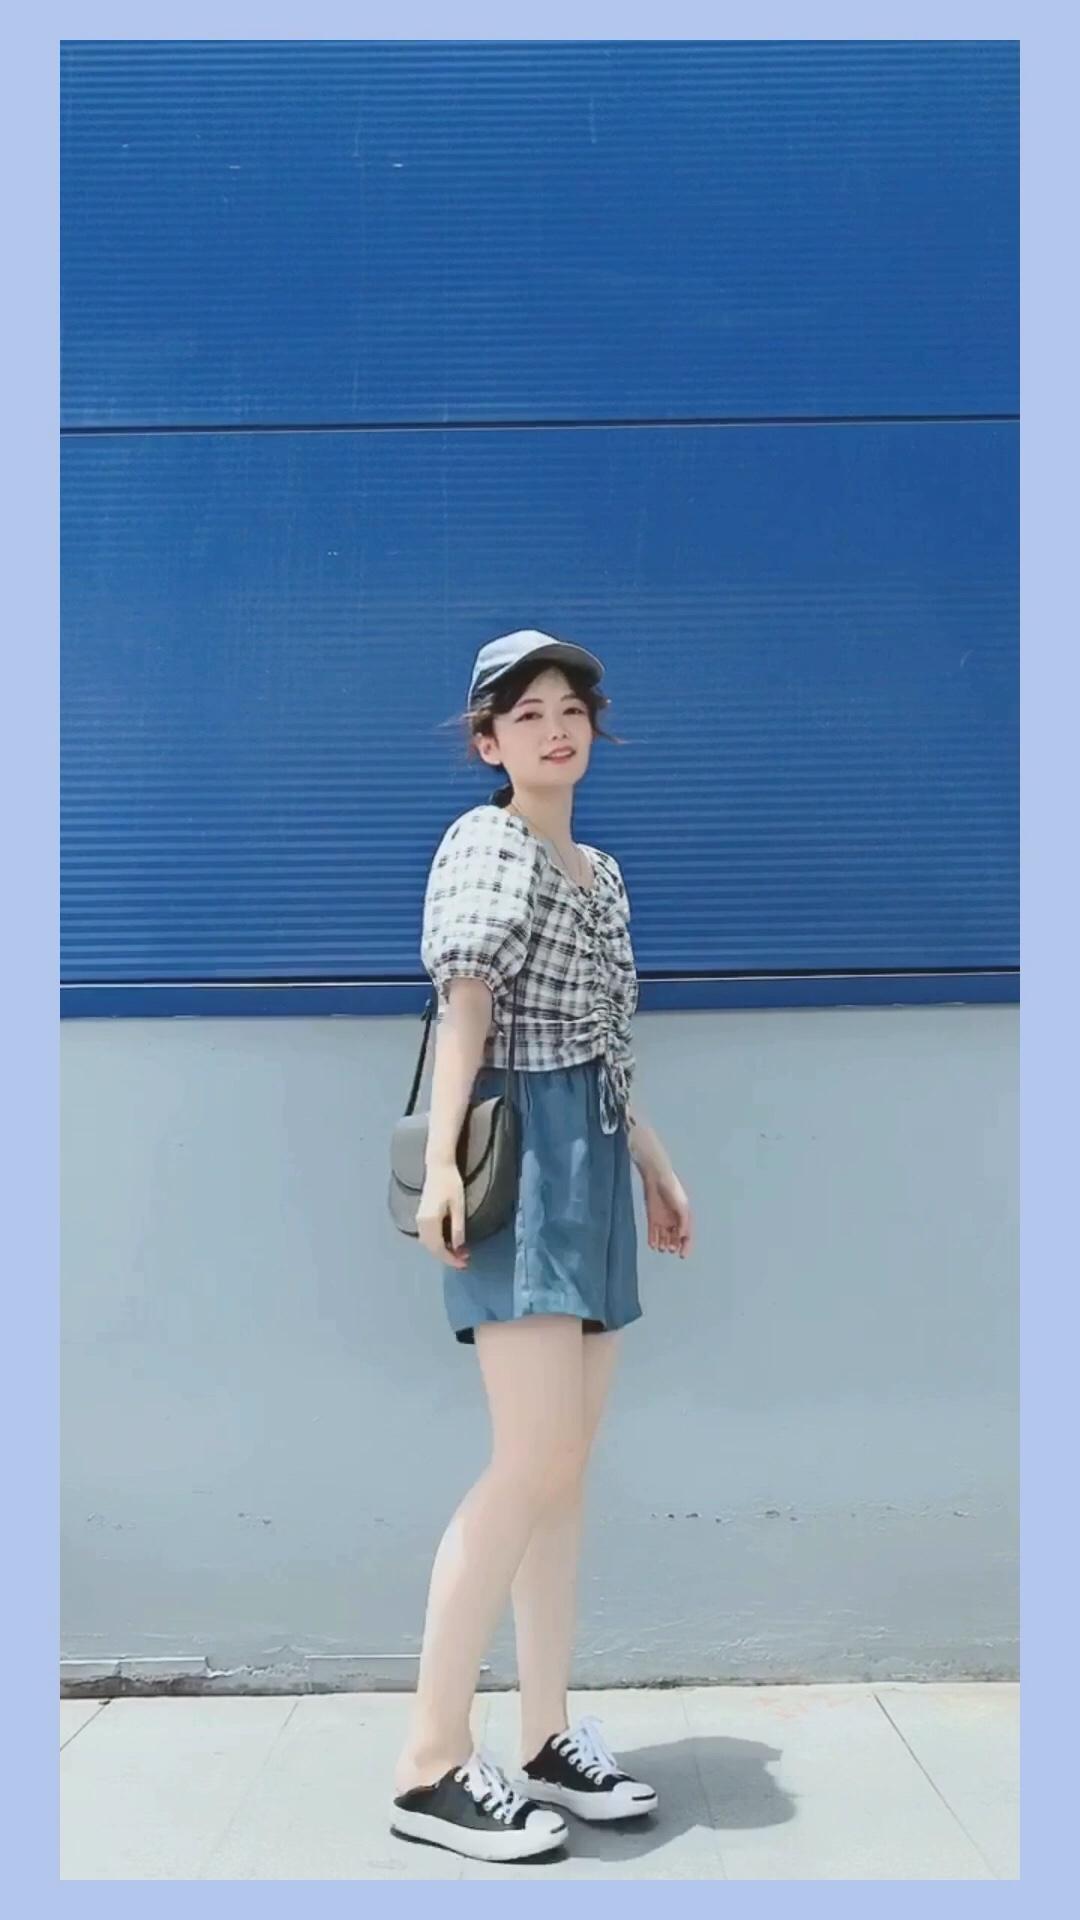 #高腰:长腿制造机本机!!!#  小个子夏日显高LOOK 短款抽绳上衣+裙裤 高腰线显高效果超级好哦 蓝色系hin显高最适合夏天啦